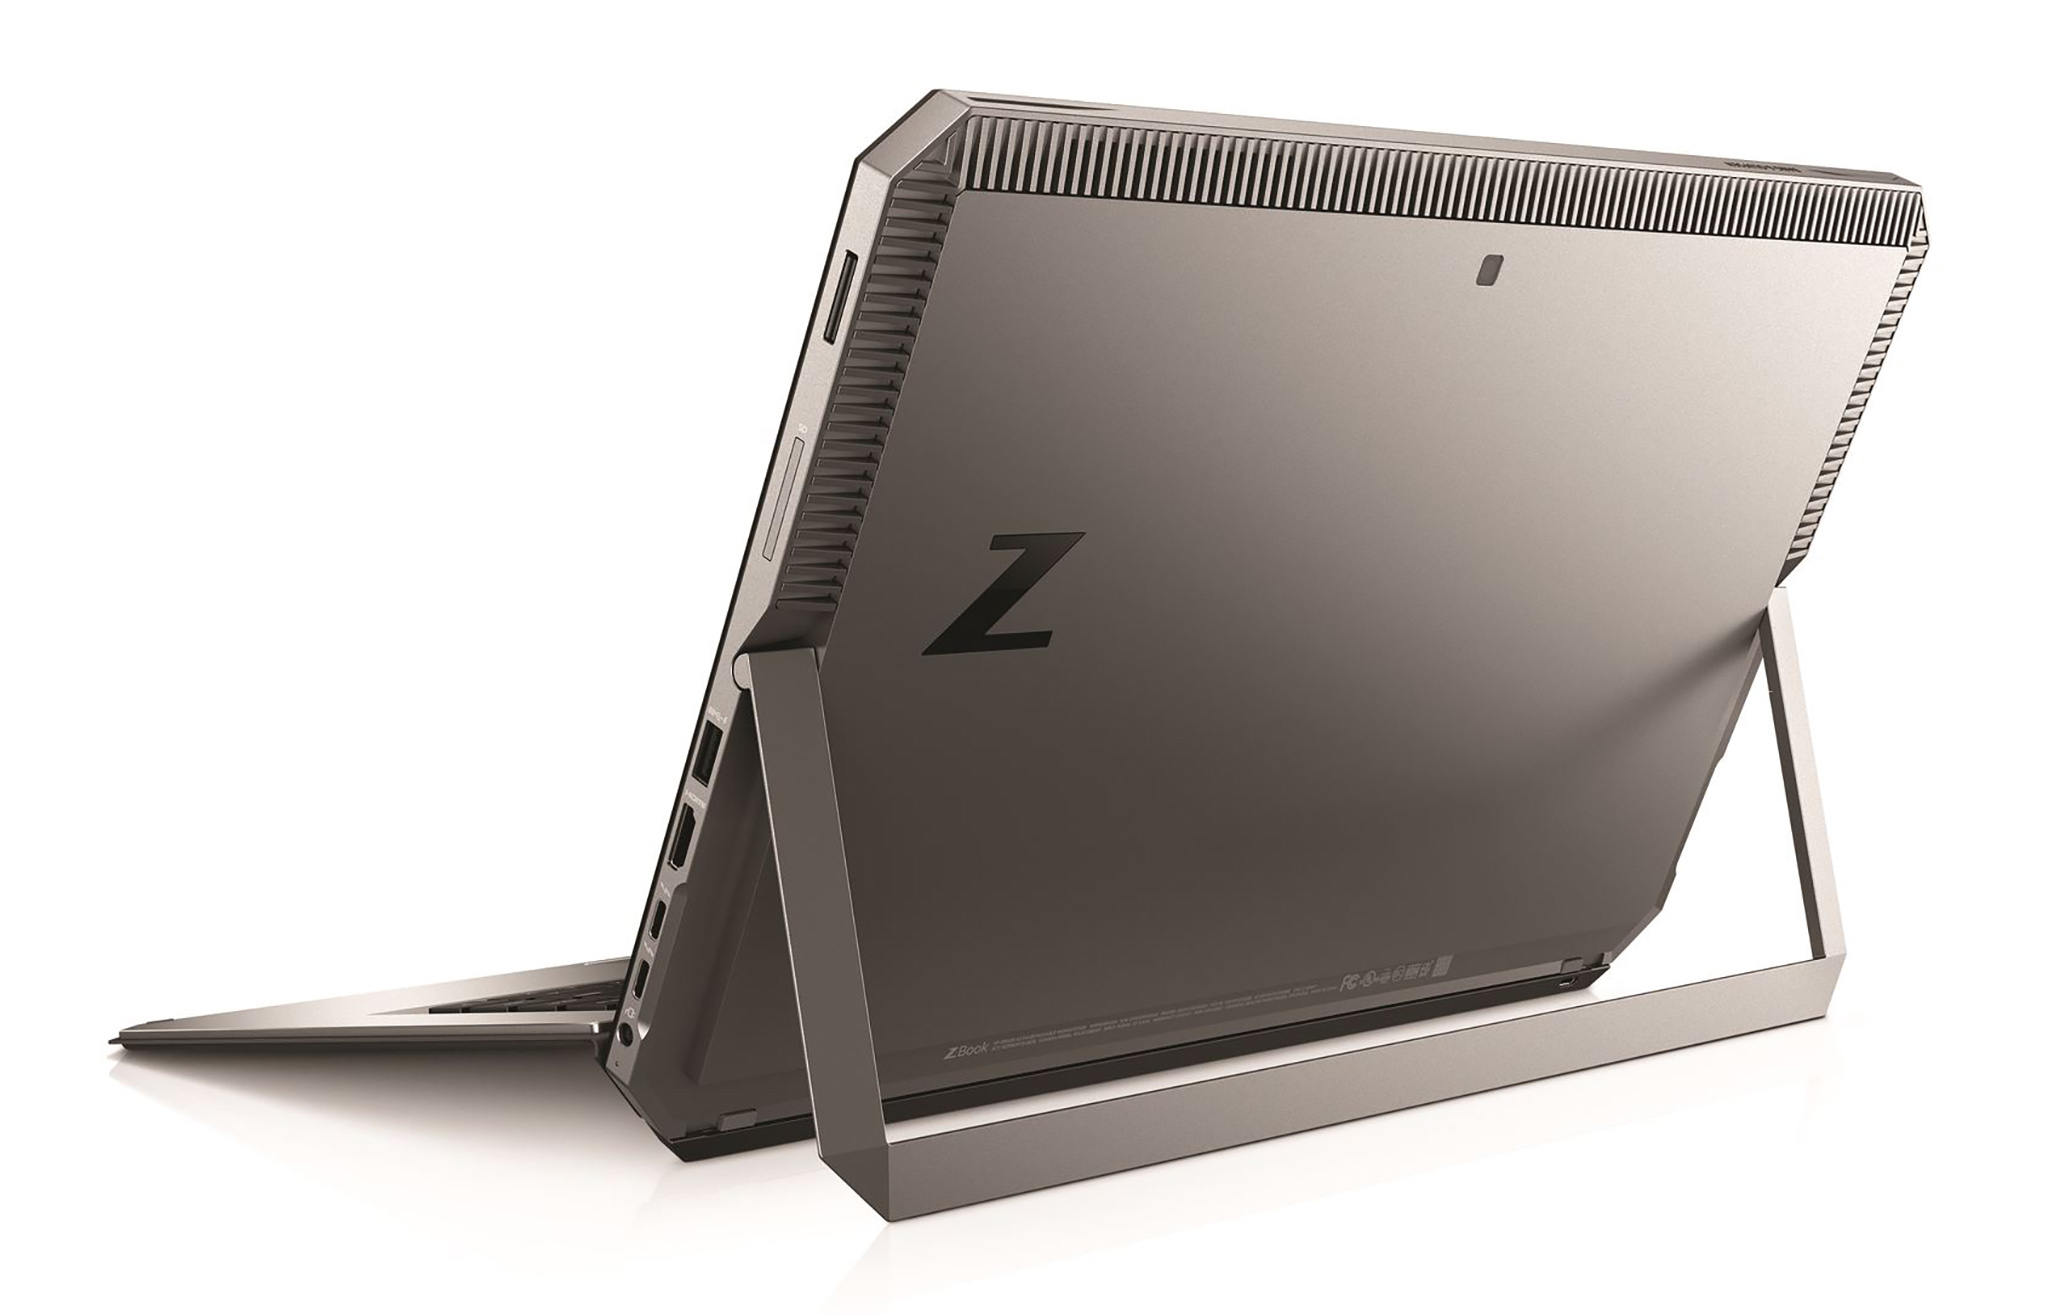 HP Zbook x2 7.jpg